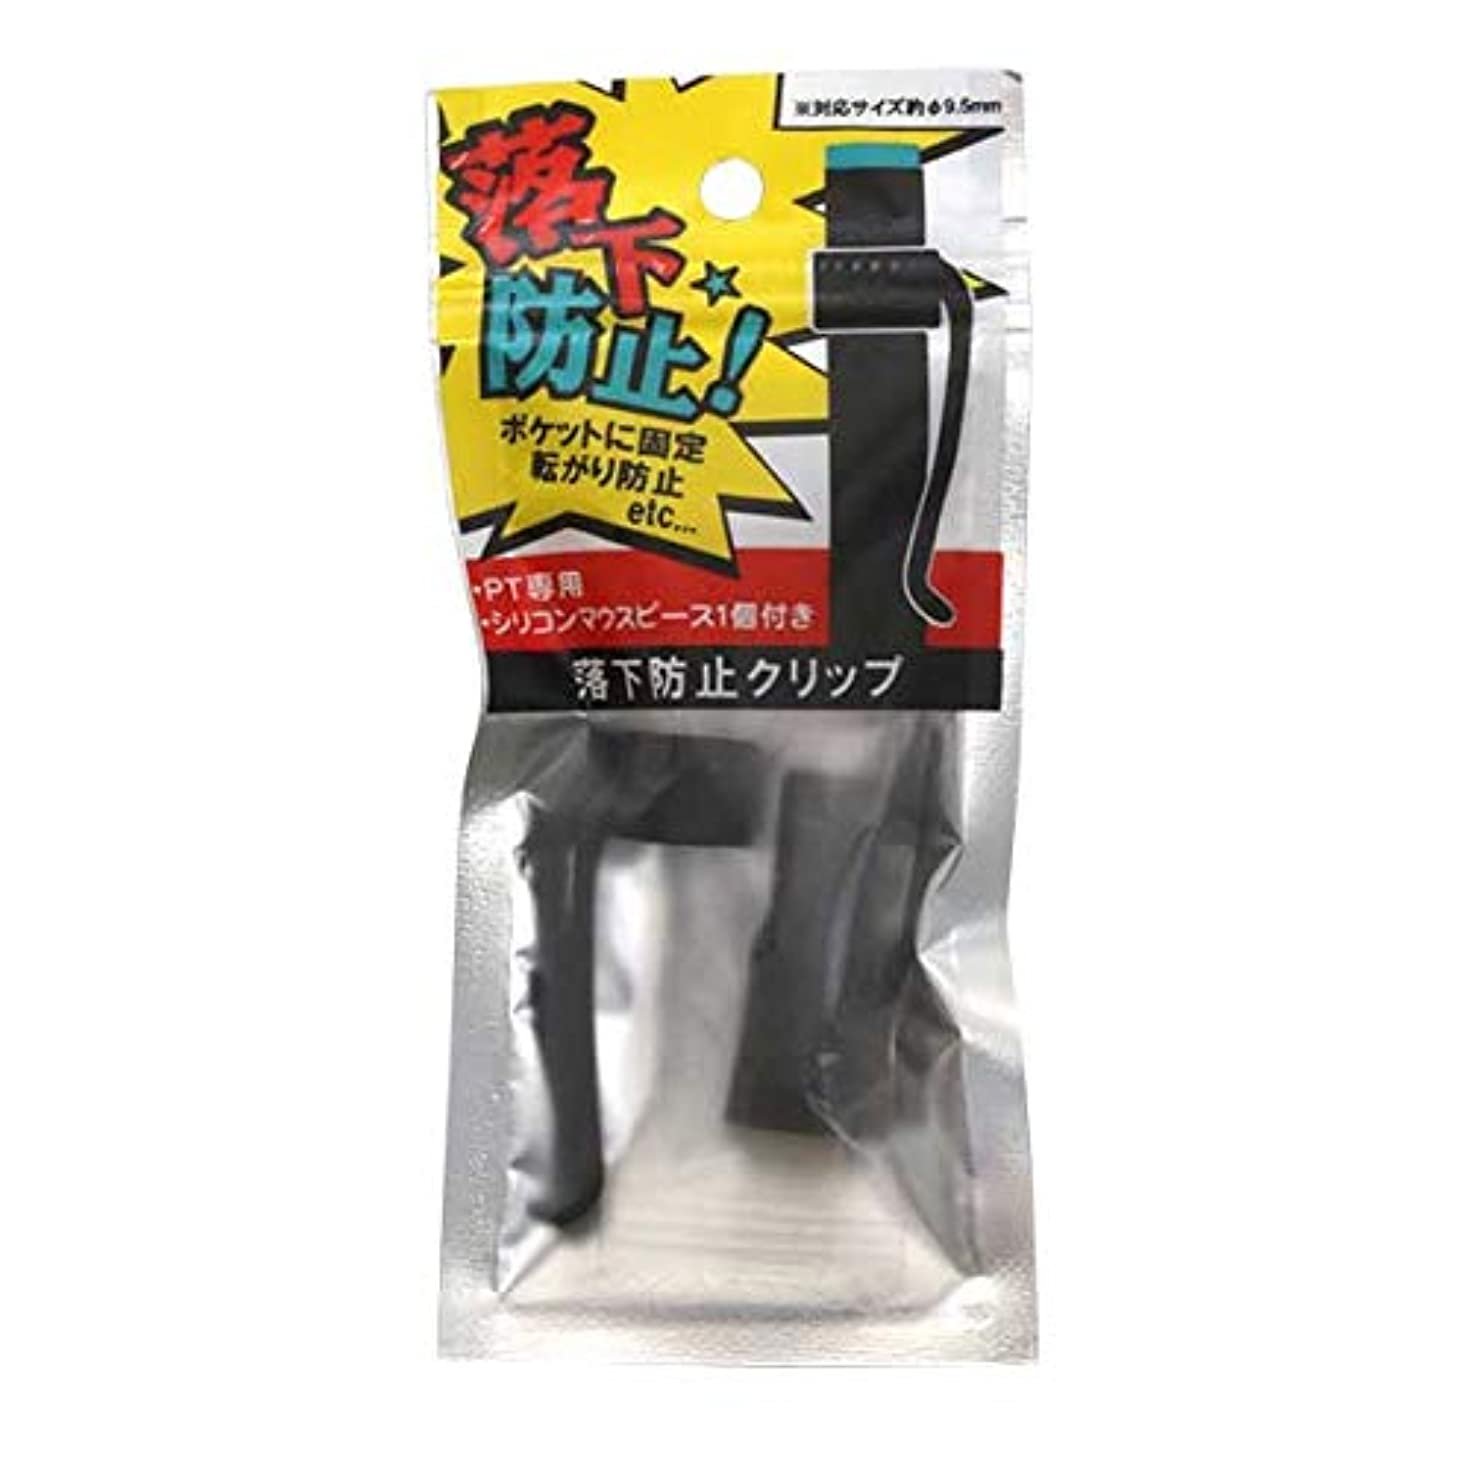 注目すべき何かレタス加熱式タバコケース 東京パイプ 落下防止クリップシリコン マウスピース付き Ploom TECH プルームテックケース対応